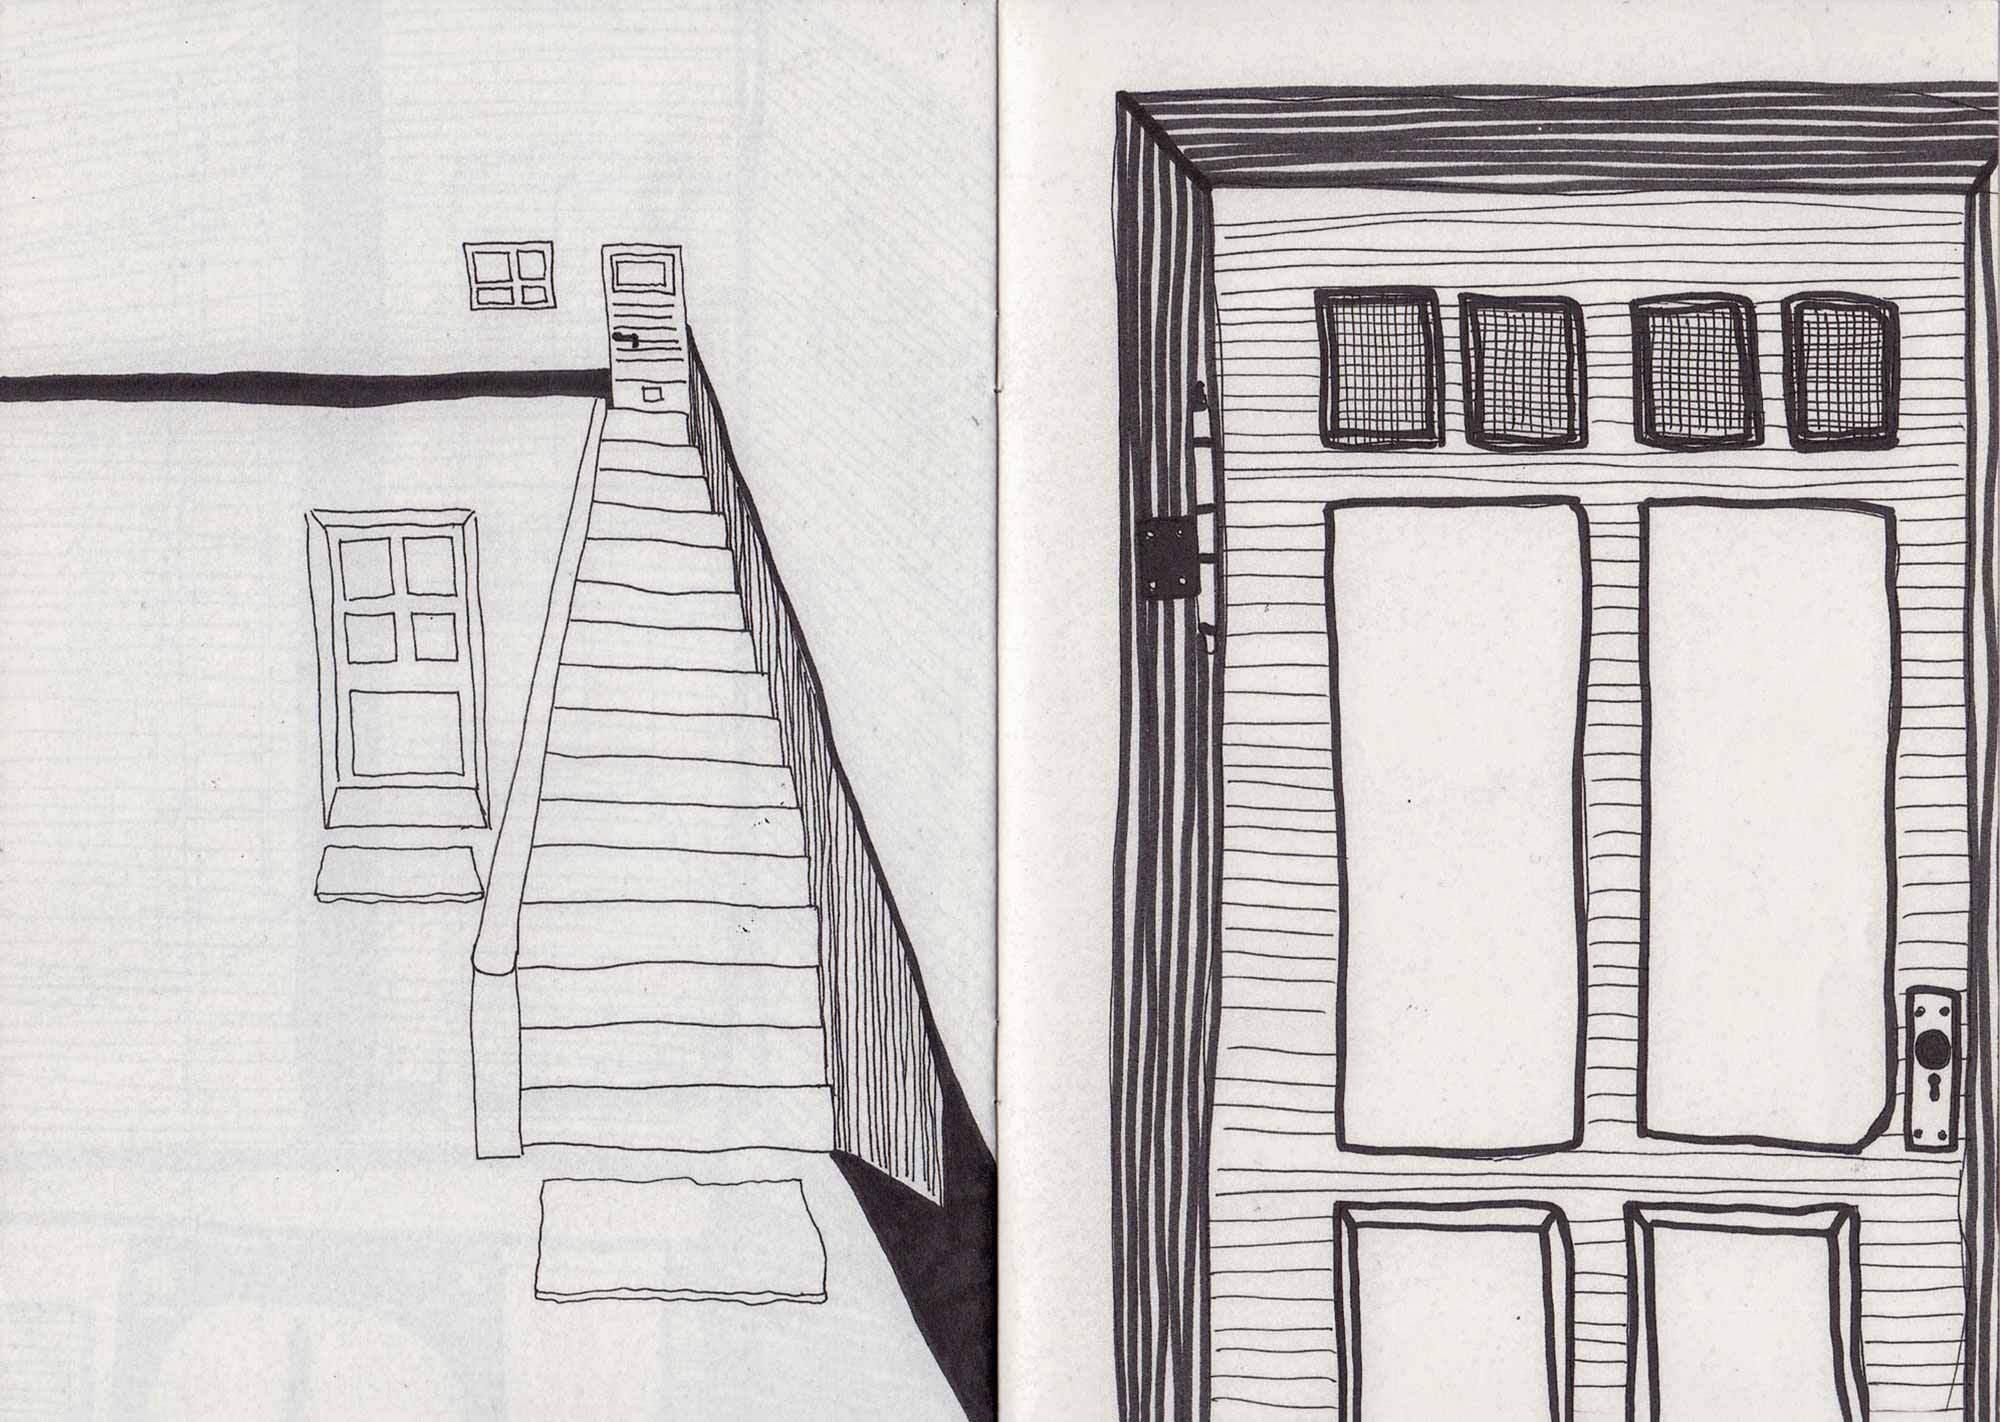 13-18-Scan-Print-16aus1337-10-web